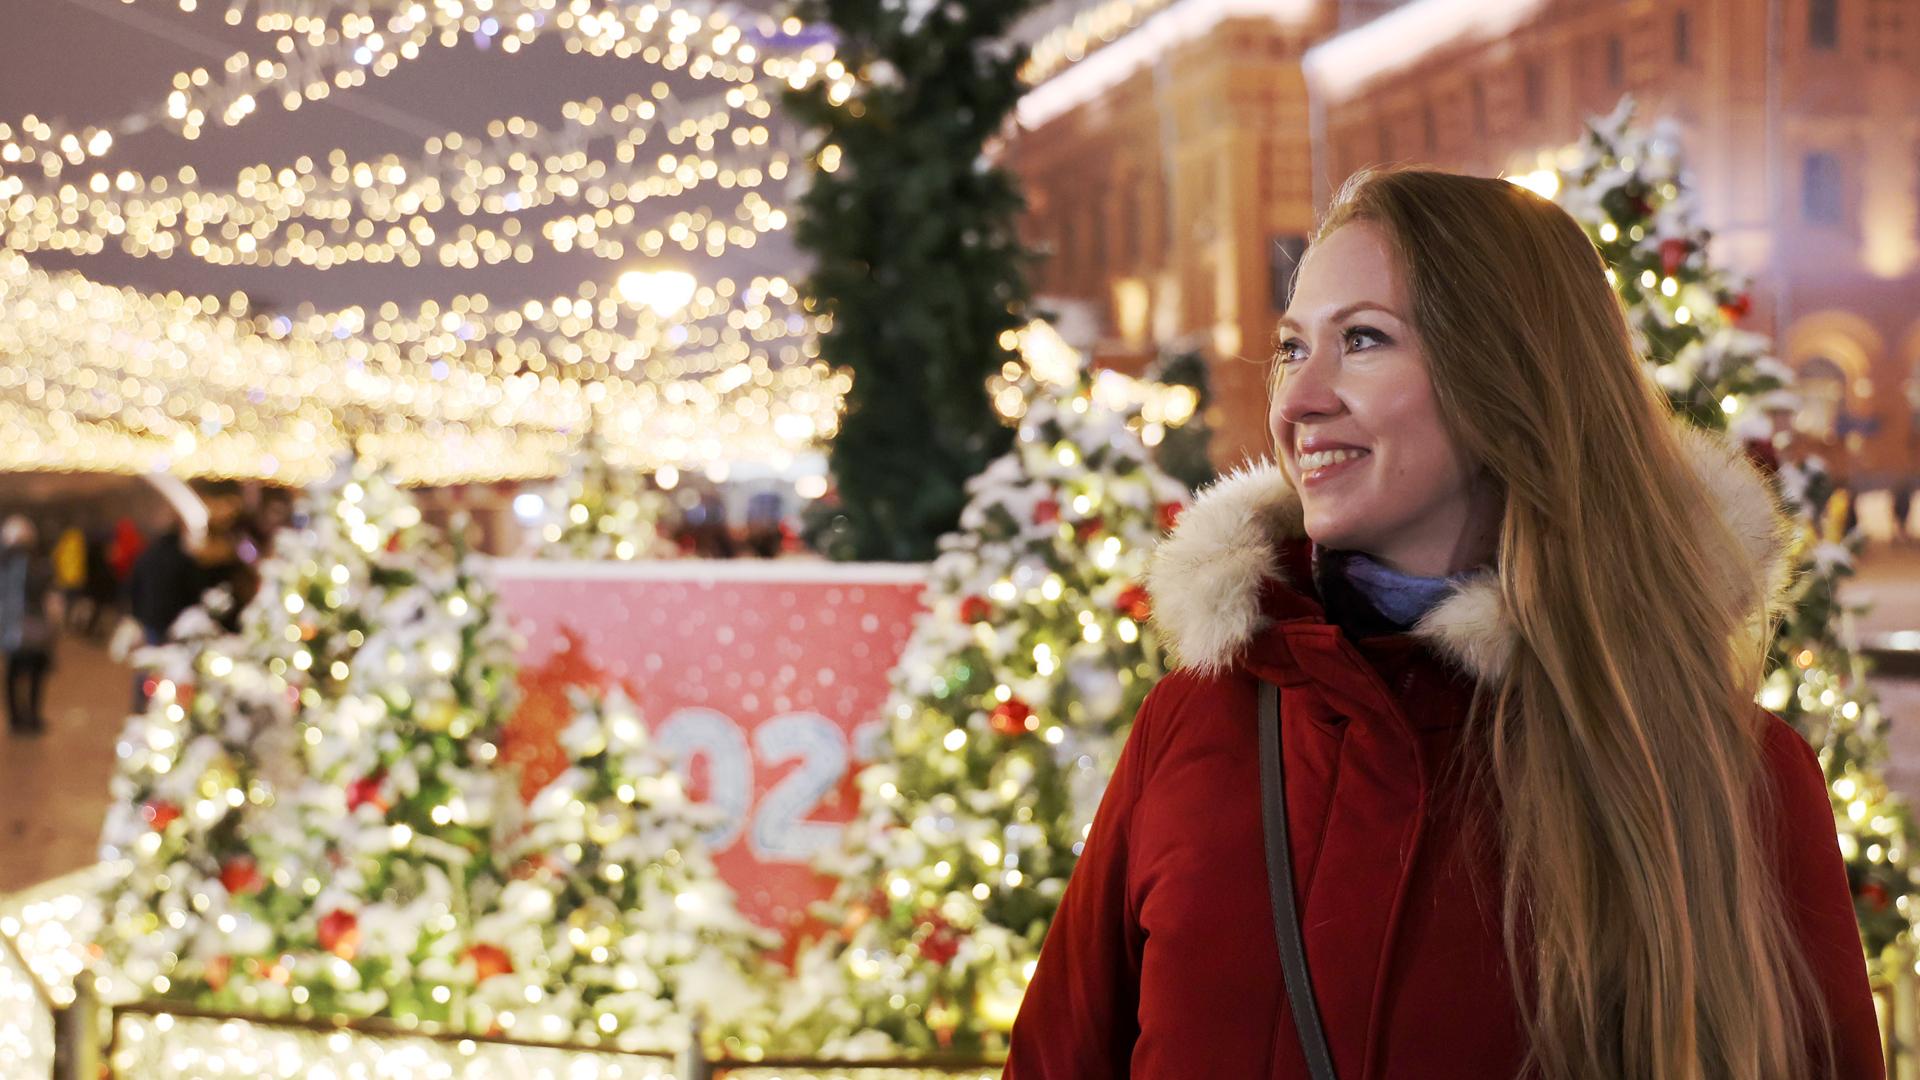 Новогодняя Москва 2020 - 2021. Где искать праздничное настроение и самые красивые локации для фото?